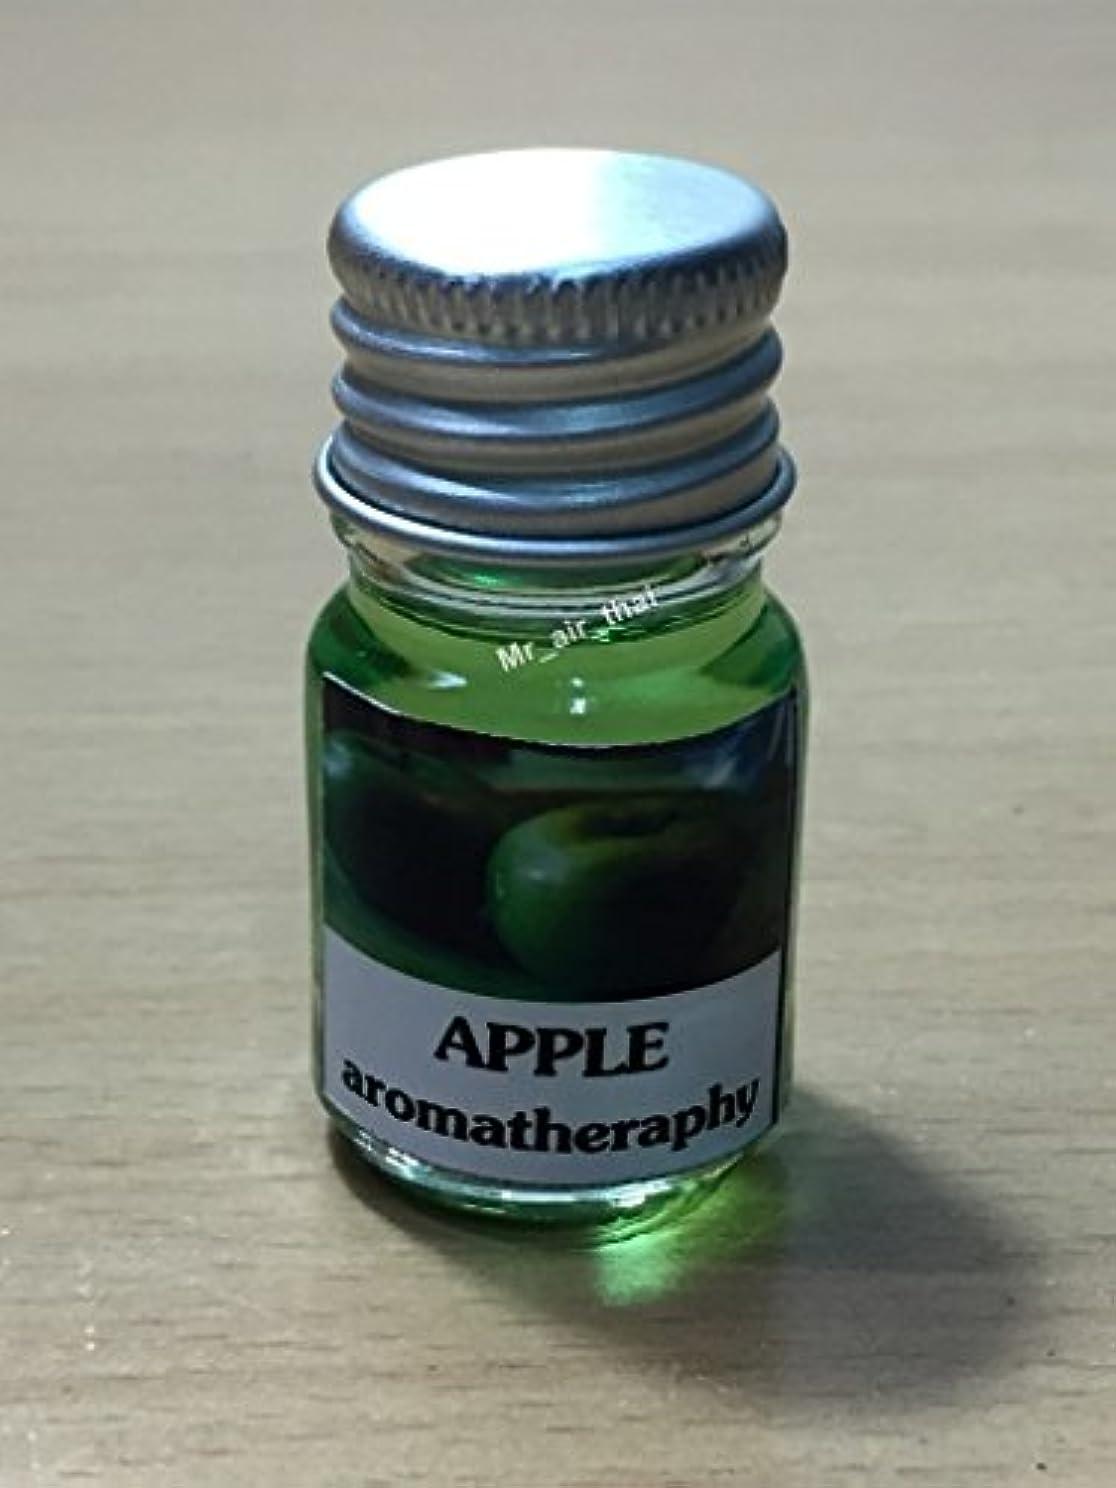 着服やるメガロポリス5ミリリットルアロマアップル(グリーン)フランクインセンスエッセンシャルオイルボトルアロマテラピーオイル自然自然5ml Aroma Apple (Green) Frankincense Essential Oil Bottles...